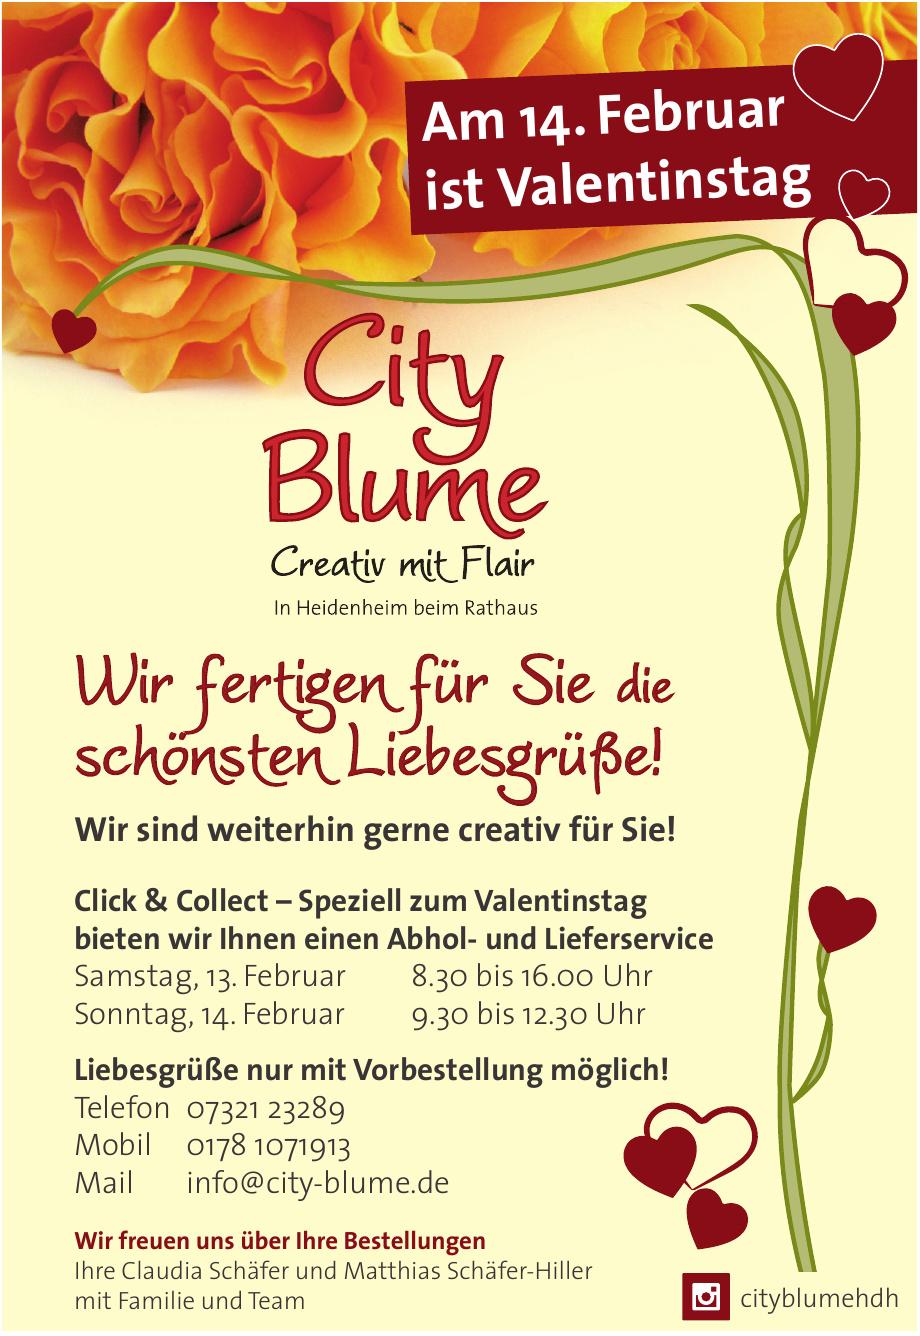 City Blume